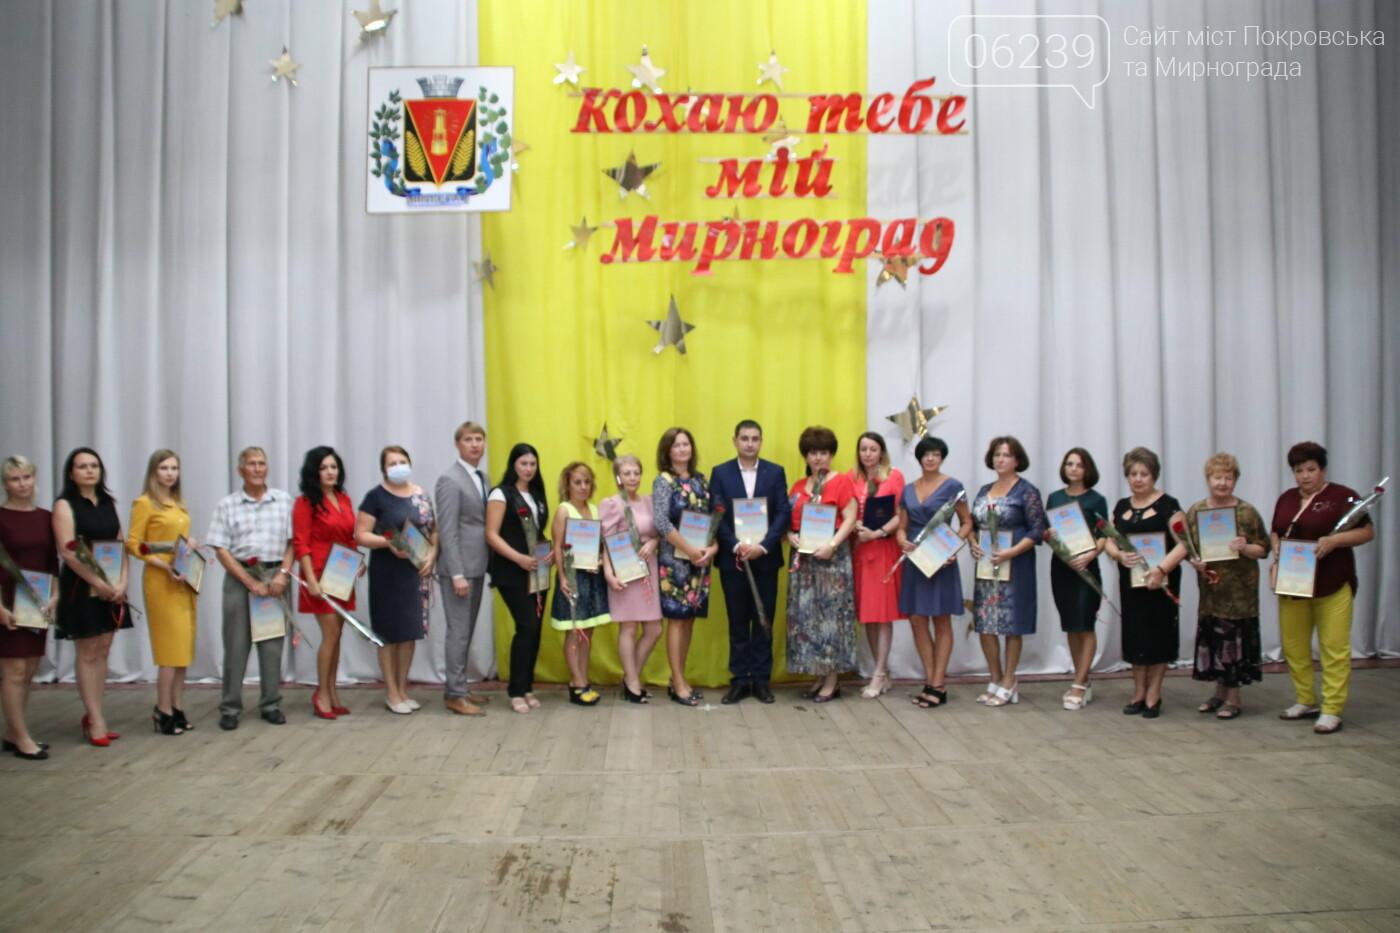 Жителей Мирнограда поздравили с Днем шахтера и Днем города, фото-1